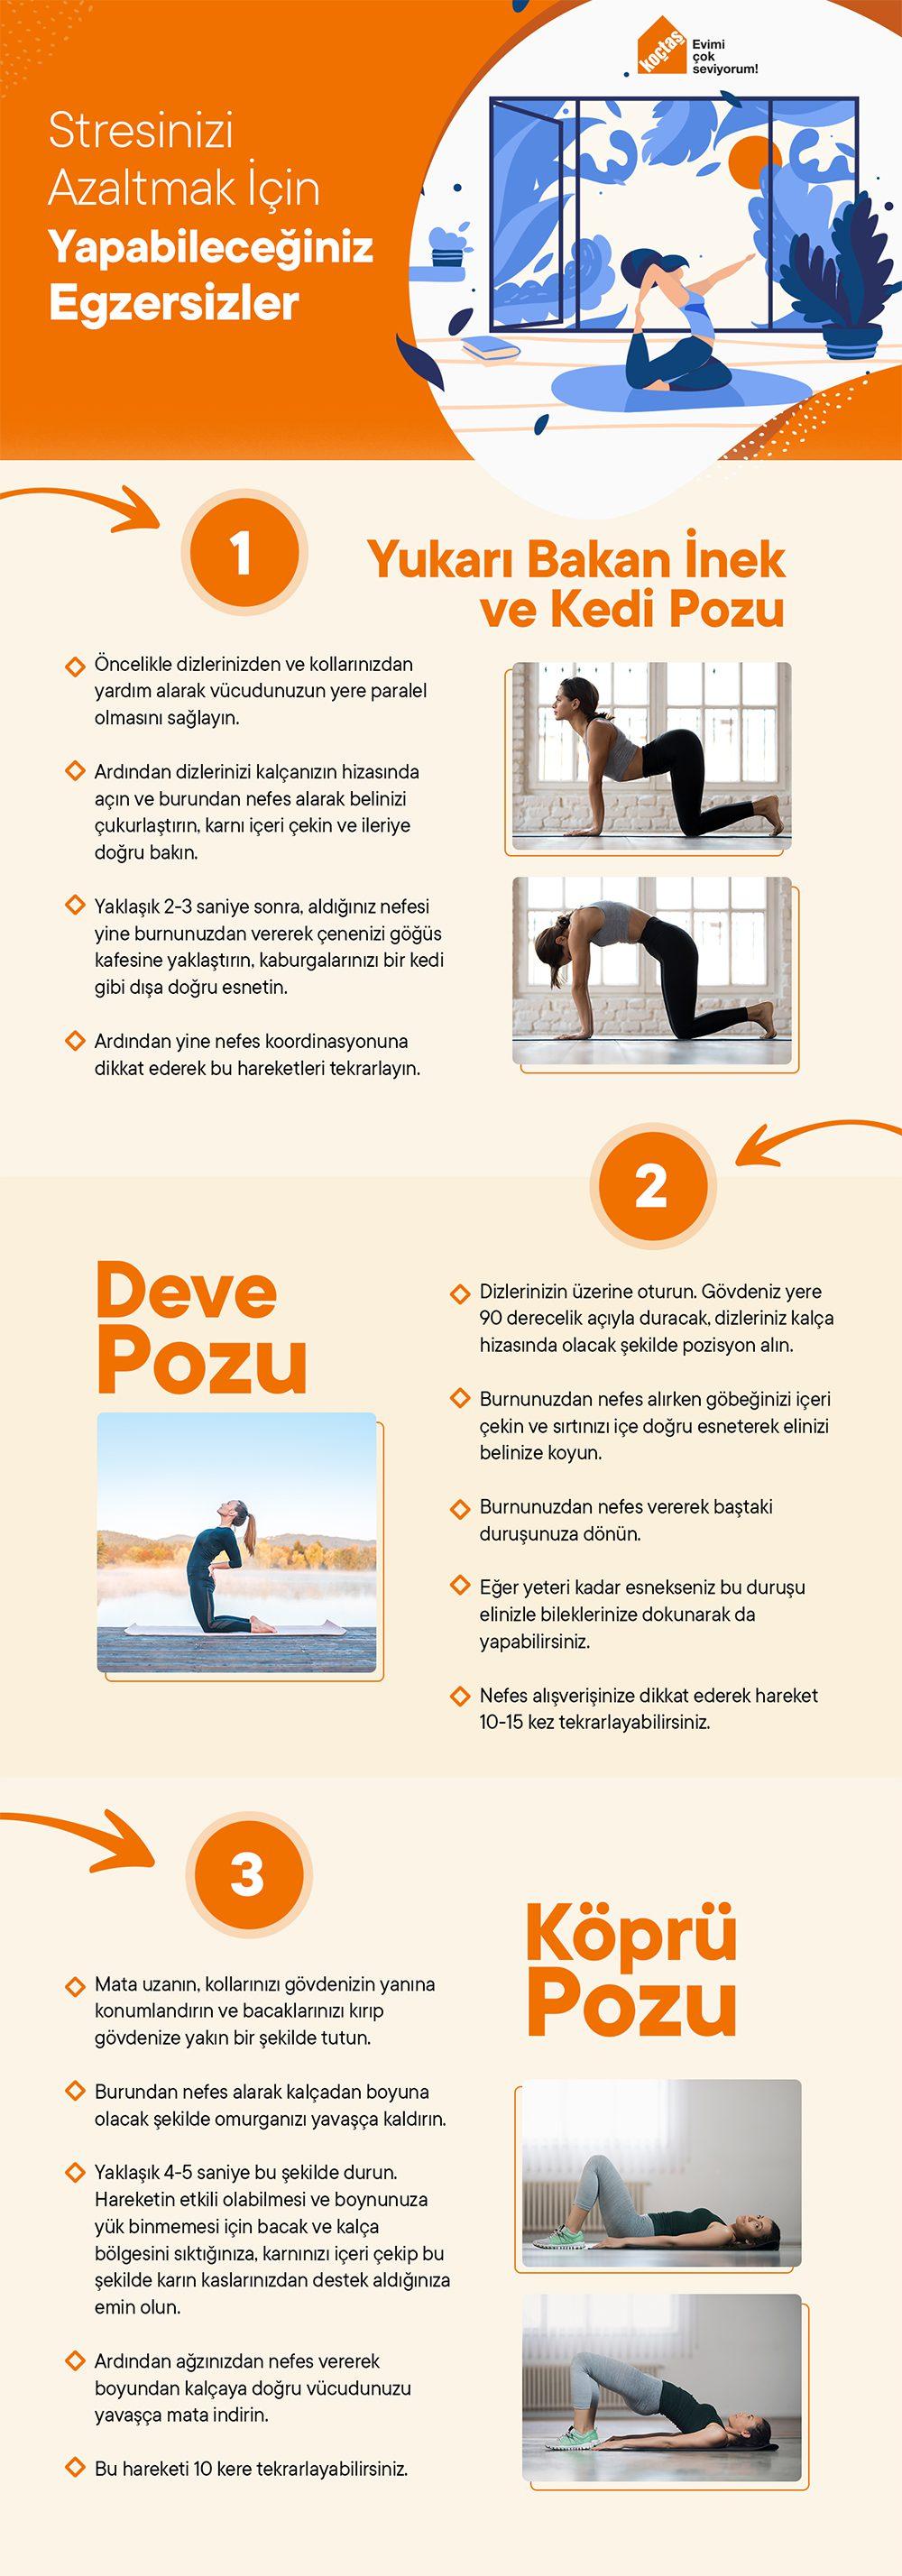 Stresi Azaltmak İçin Egzersizler